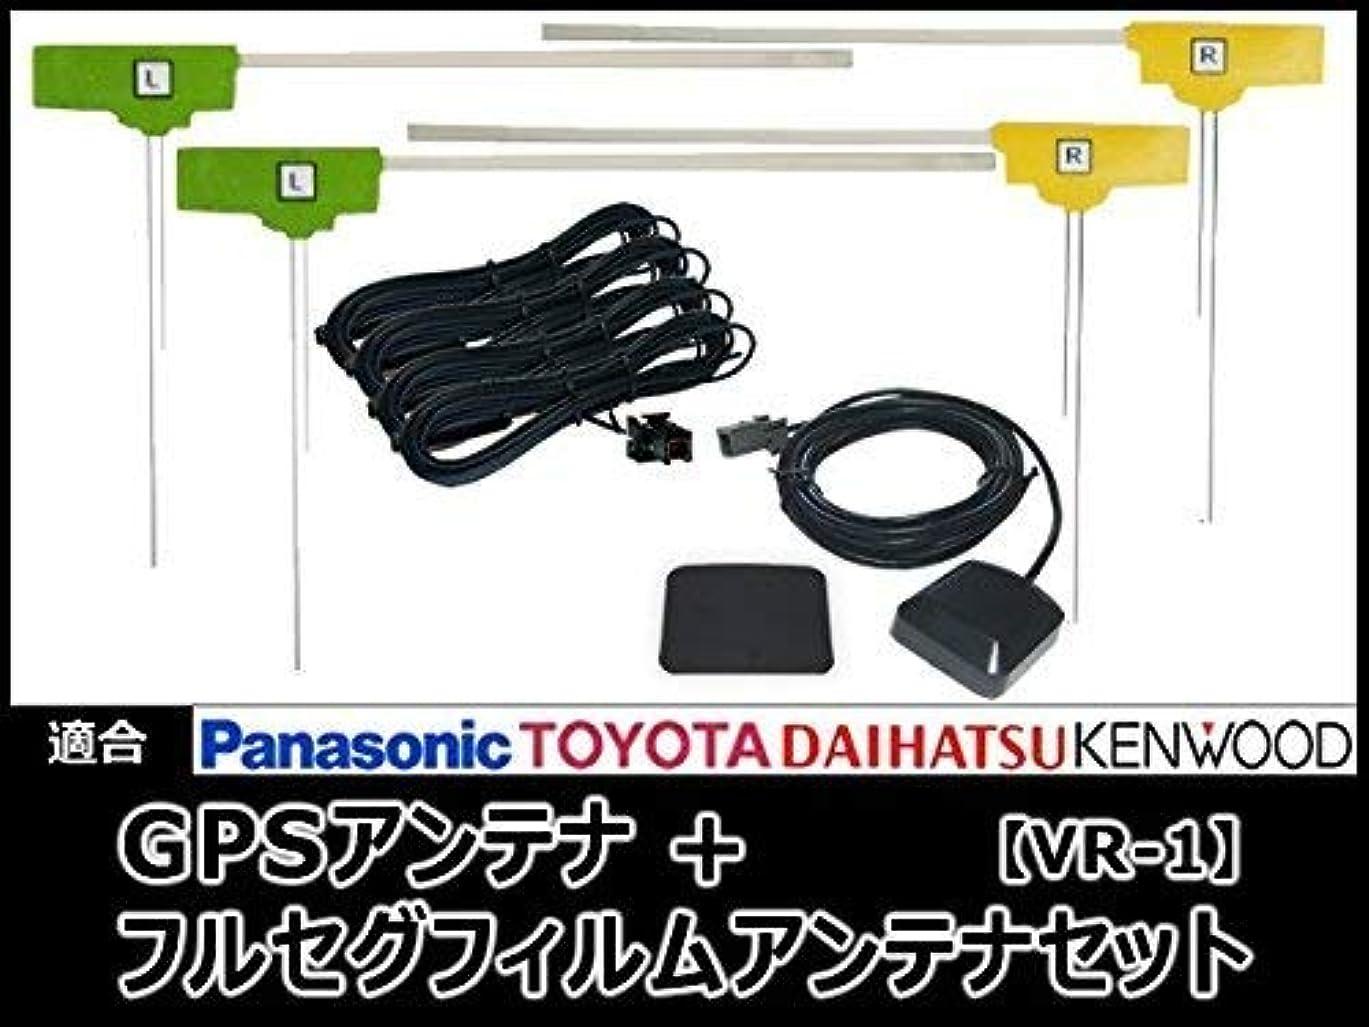 無駄な受益者口述するNSZN-X66D-T3 対応 GPSアンテナ + 地デジ/フルセグ フィルム アンテナ VR1 タイプ 4本 セット 【低価格高品質タイプ】